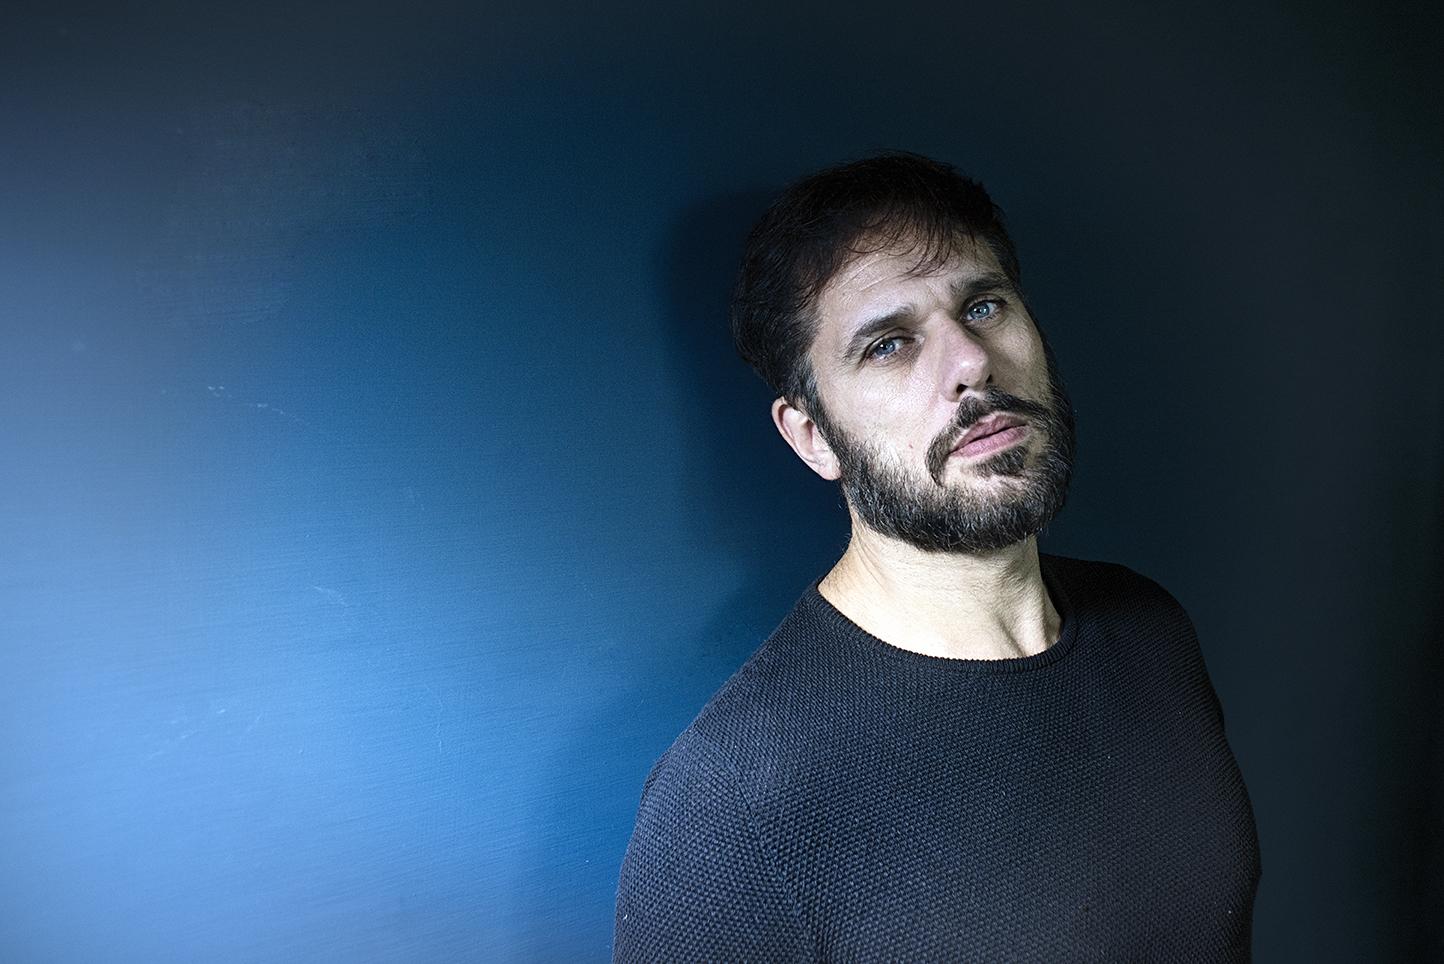 GESÙ (L'ULTIMO COMUNISTA): il nuovo singolo di Attilio Fontana feat Ivan Granatino